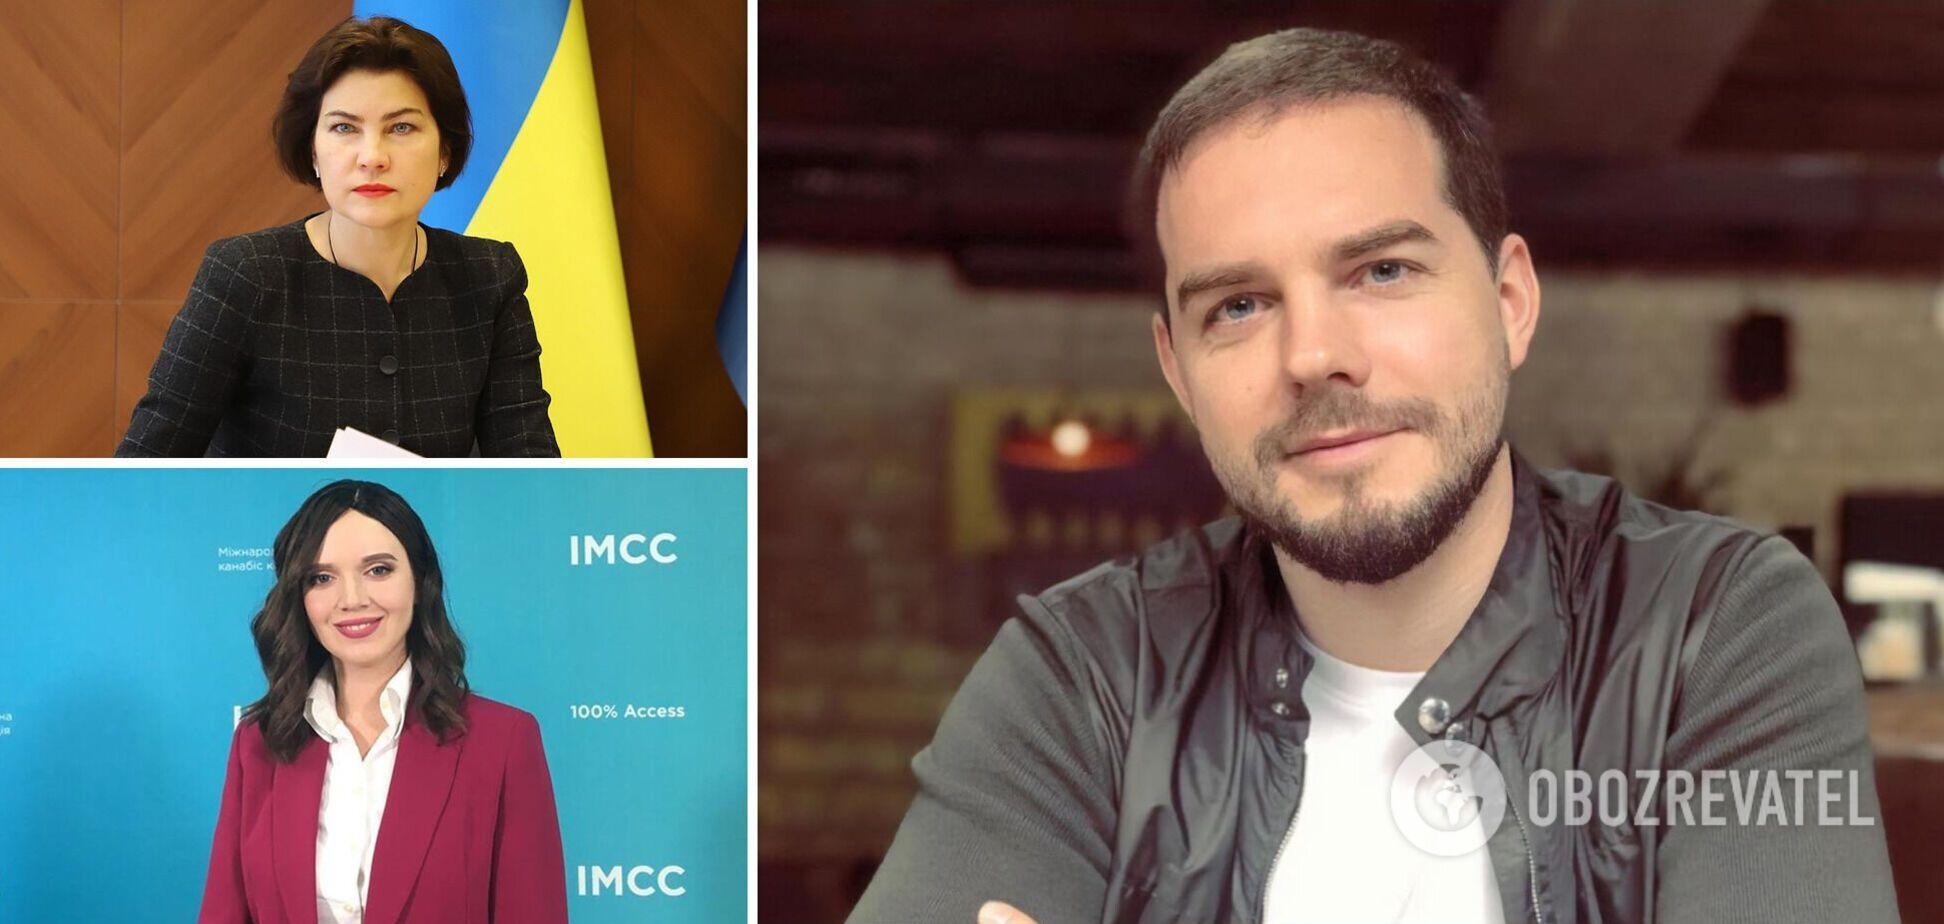 Агент НАБУ Шевченко спровокував судовий позов Венедіктової до Яніни Соколової